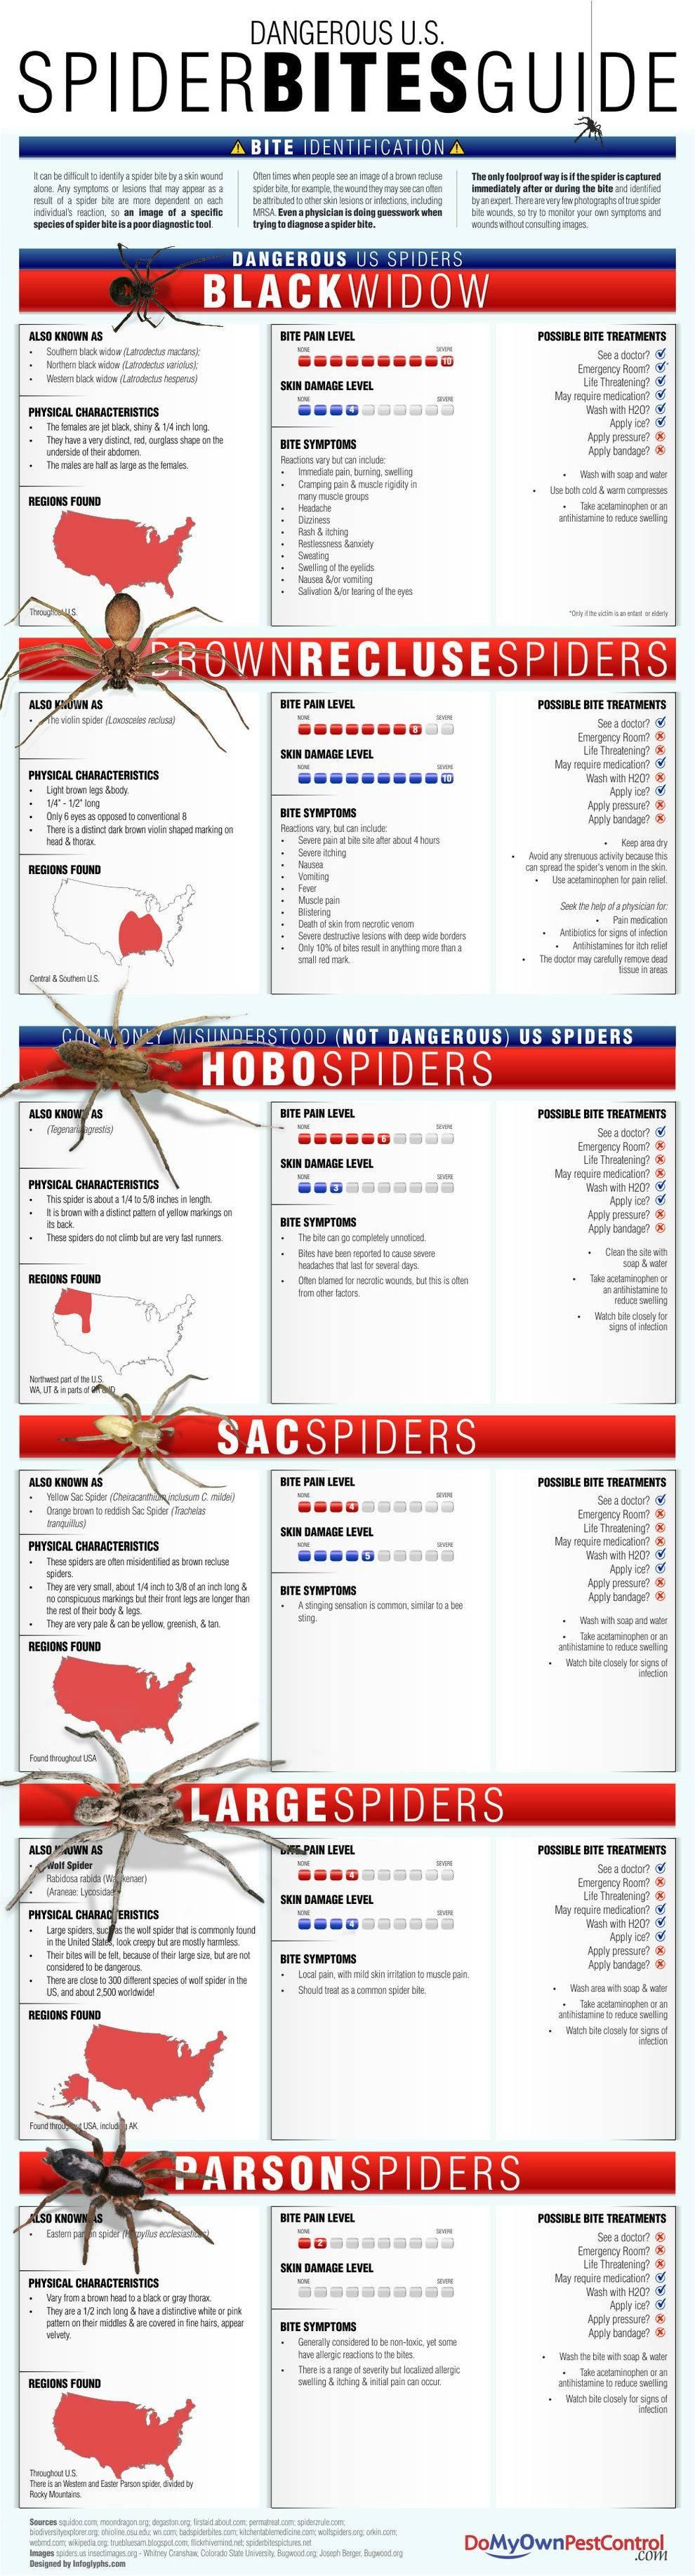 16 Spiderbites Guide (Infographic)